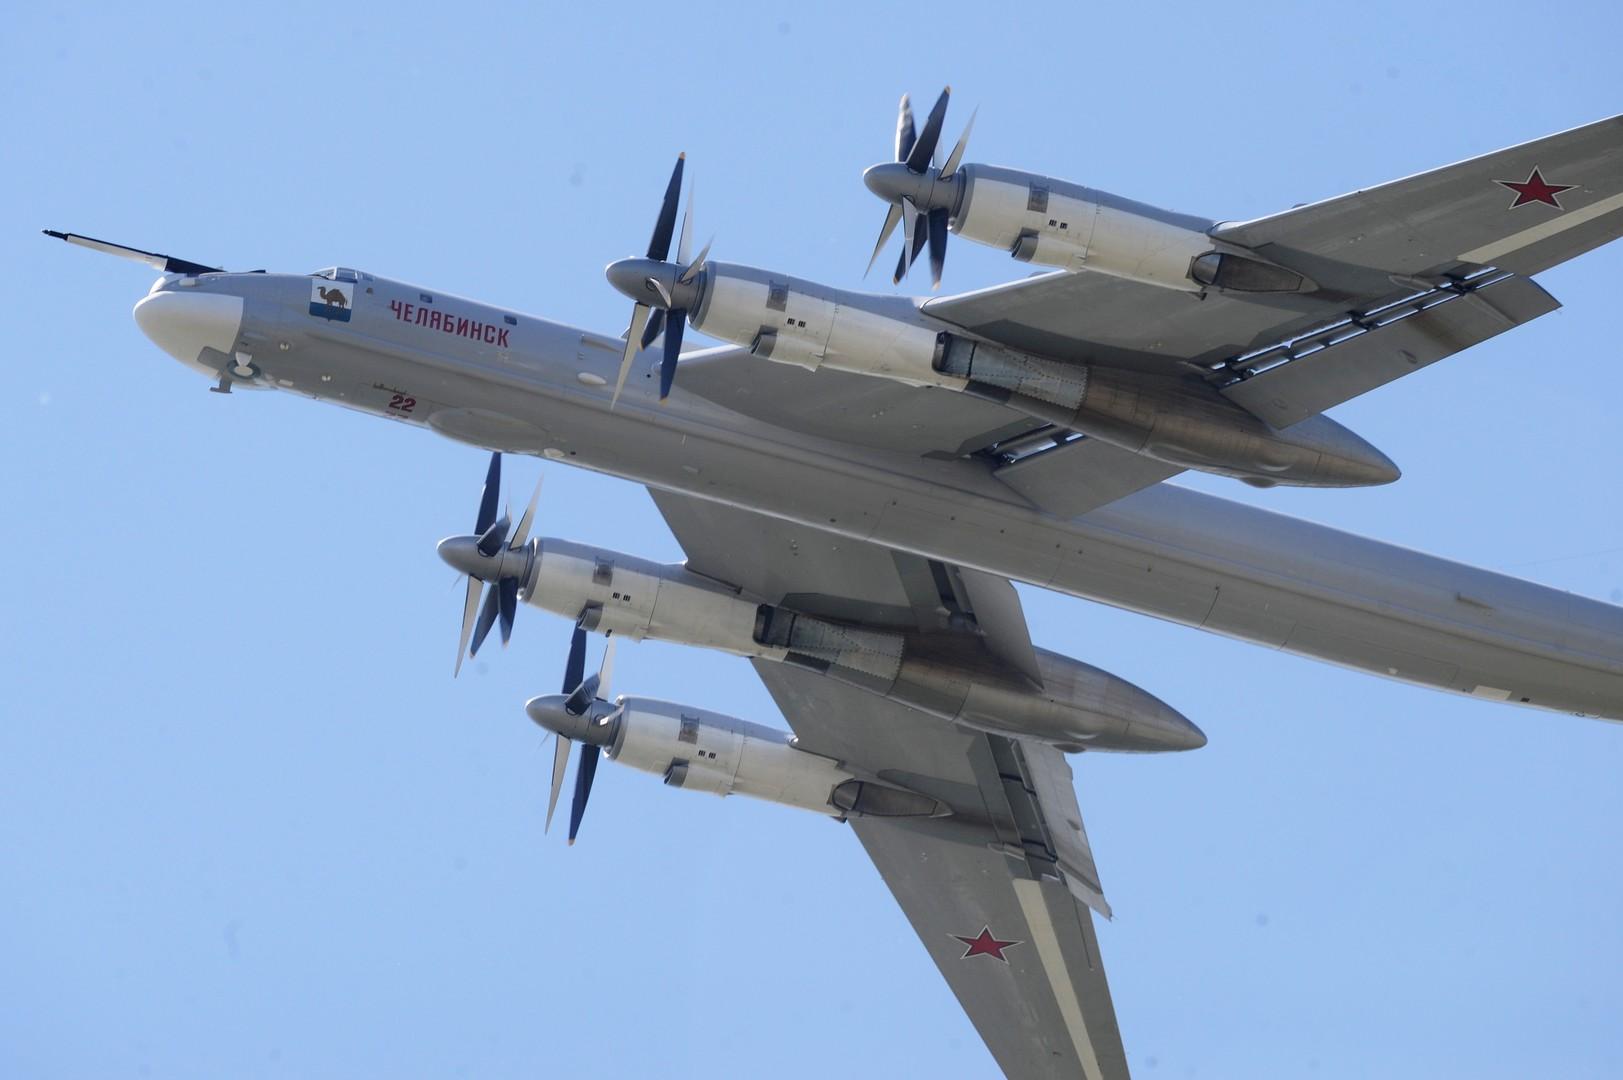 روسيا: نفذنا دورية مشتركة مع قوات جوية صينية ولم ننتهك حدود أي دولة